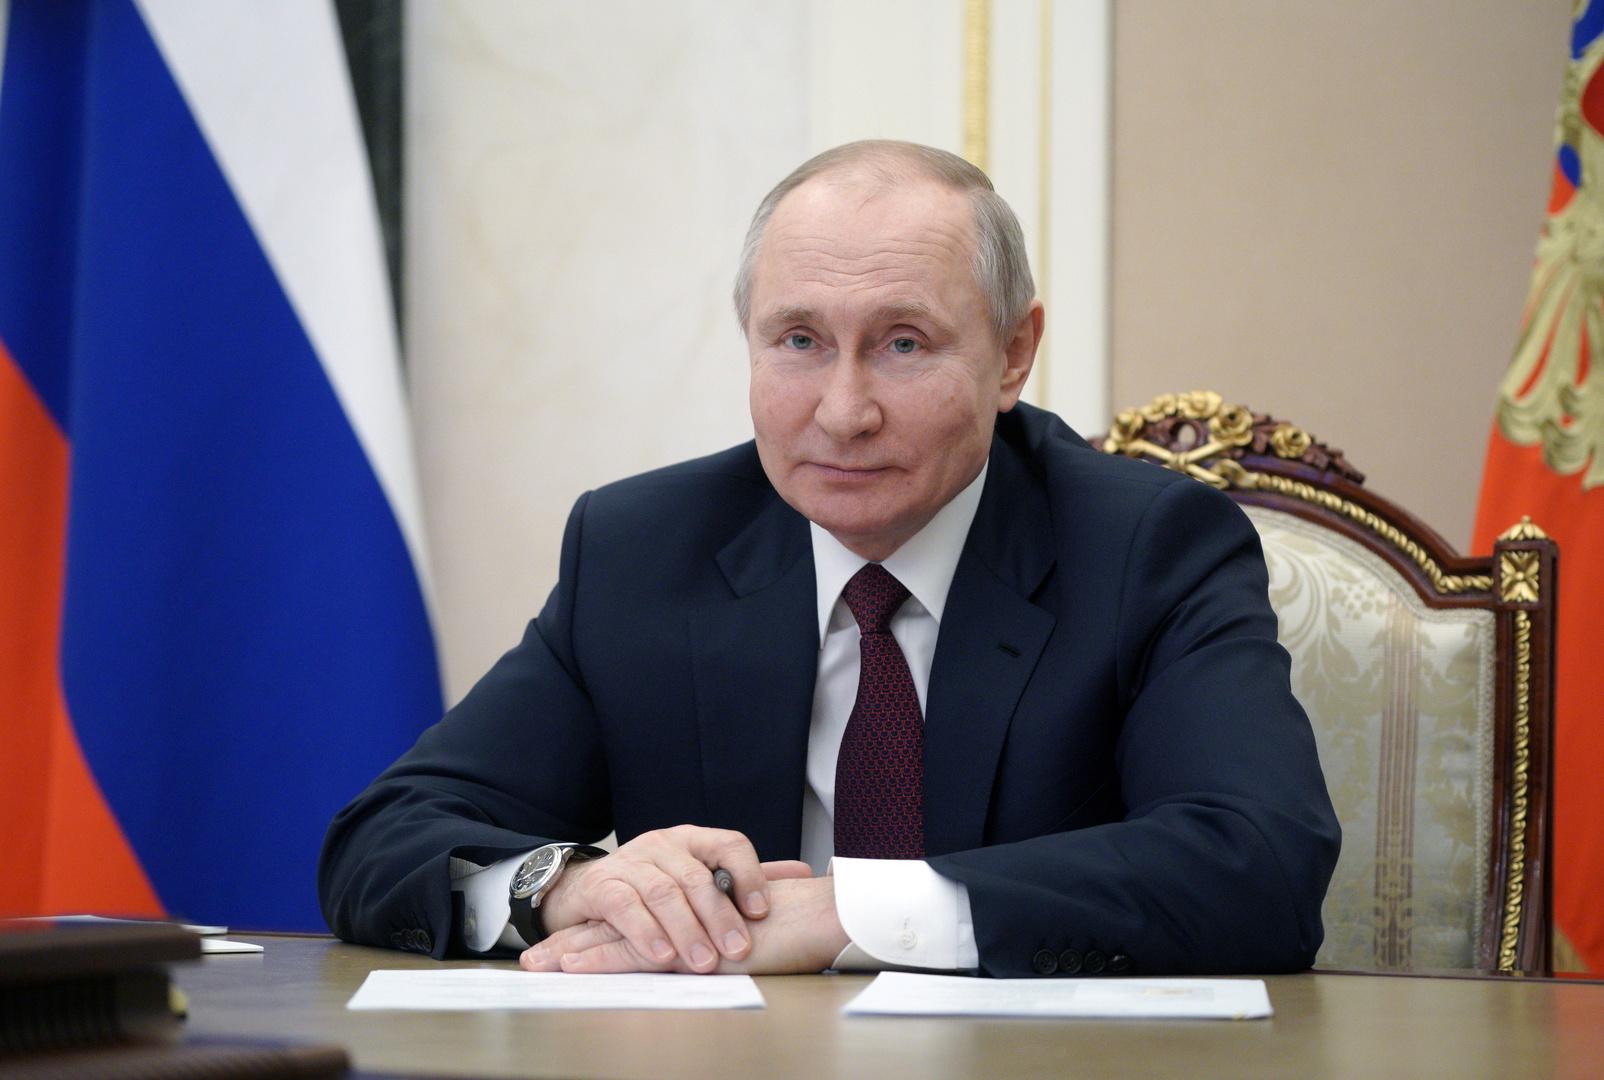 بوتين ردا على تصريحات بايدن: سيتعين على الولايات المتحدة أن تحسب حسابا لروسيا